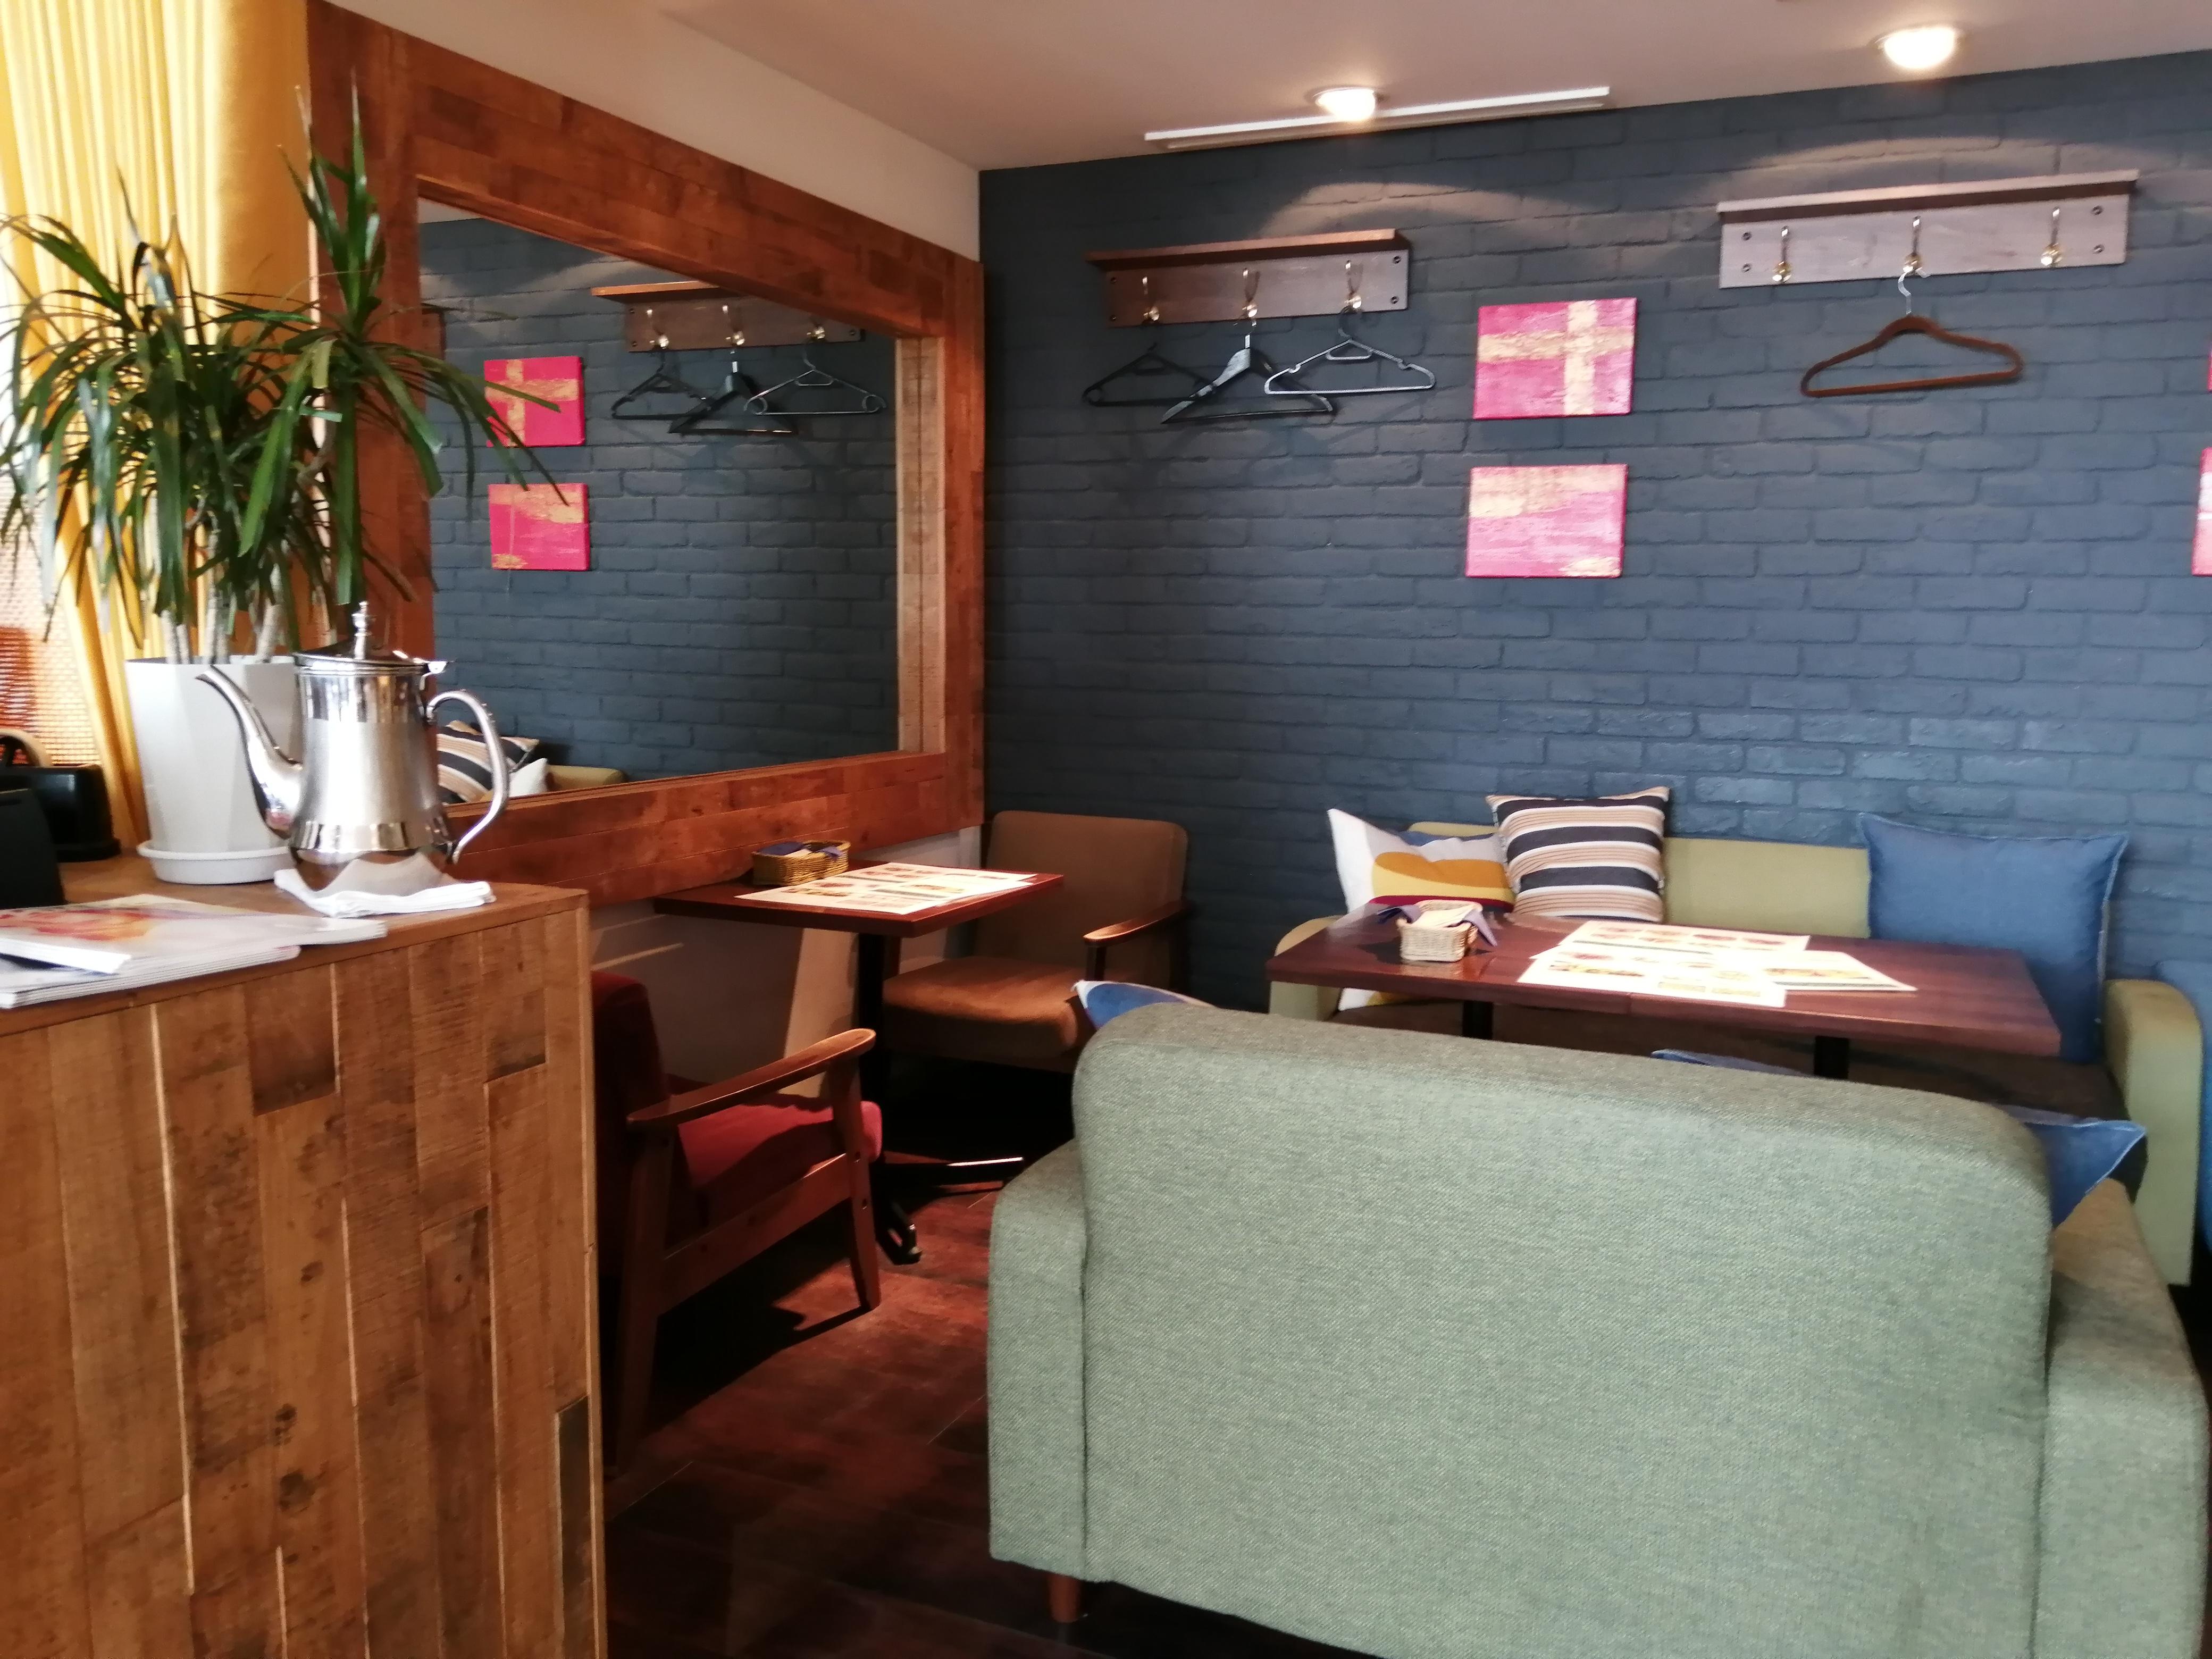 VIOROのカフェ「hus(ヒュース)」のソファ席